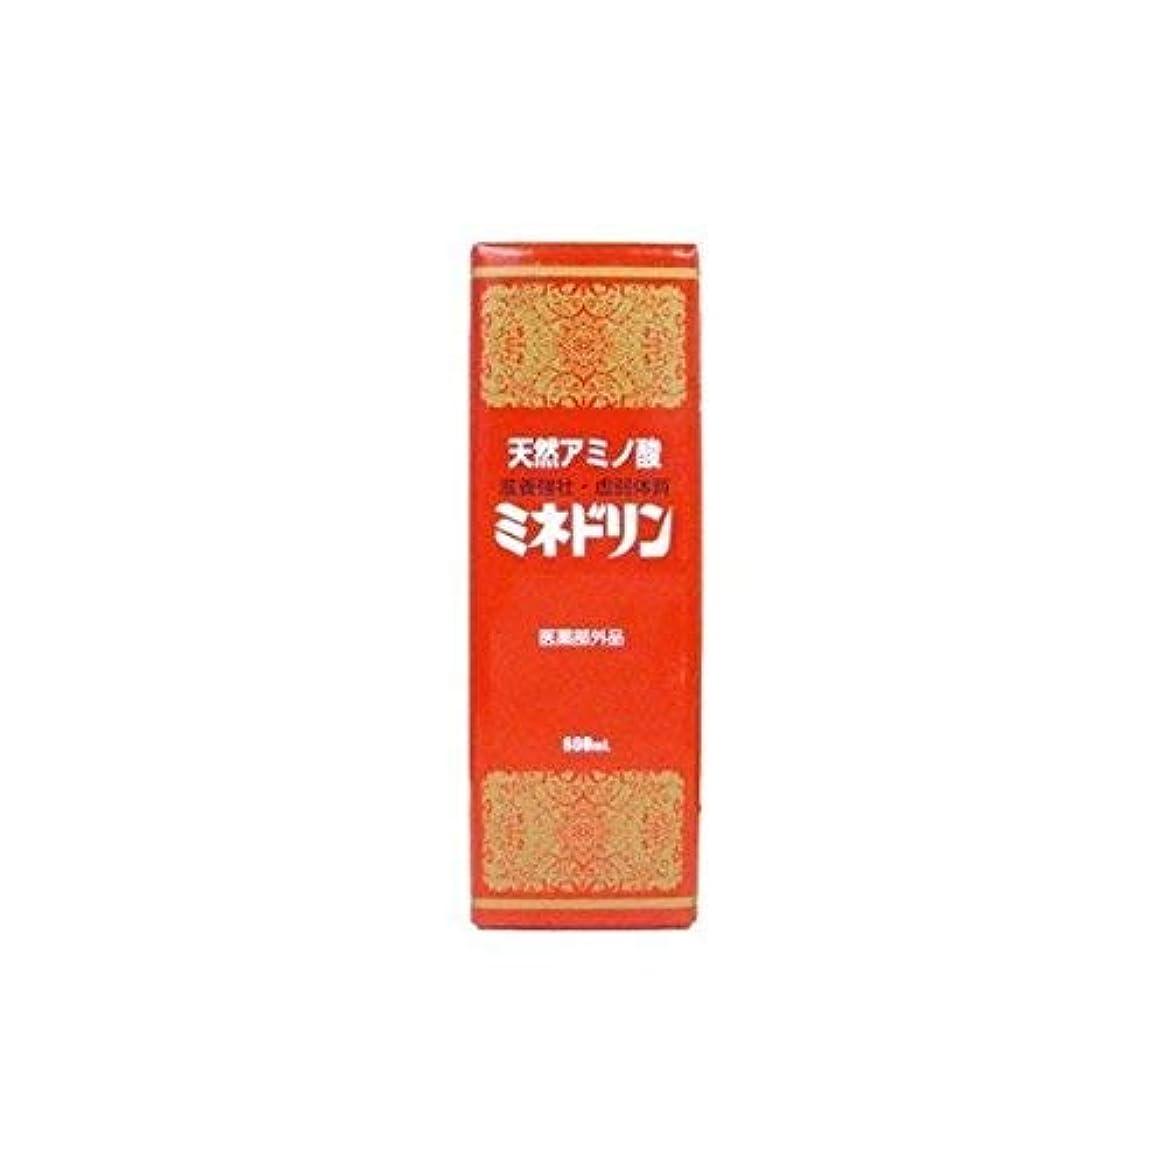 深遠イライラする穿孔する伊丹製薬 ミネドリン 600ml ×12本